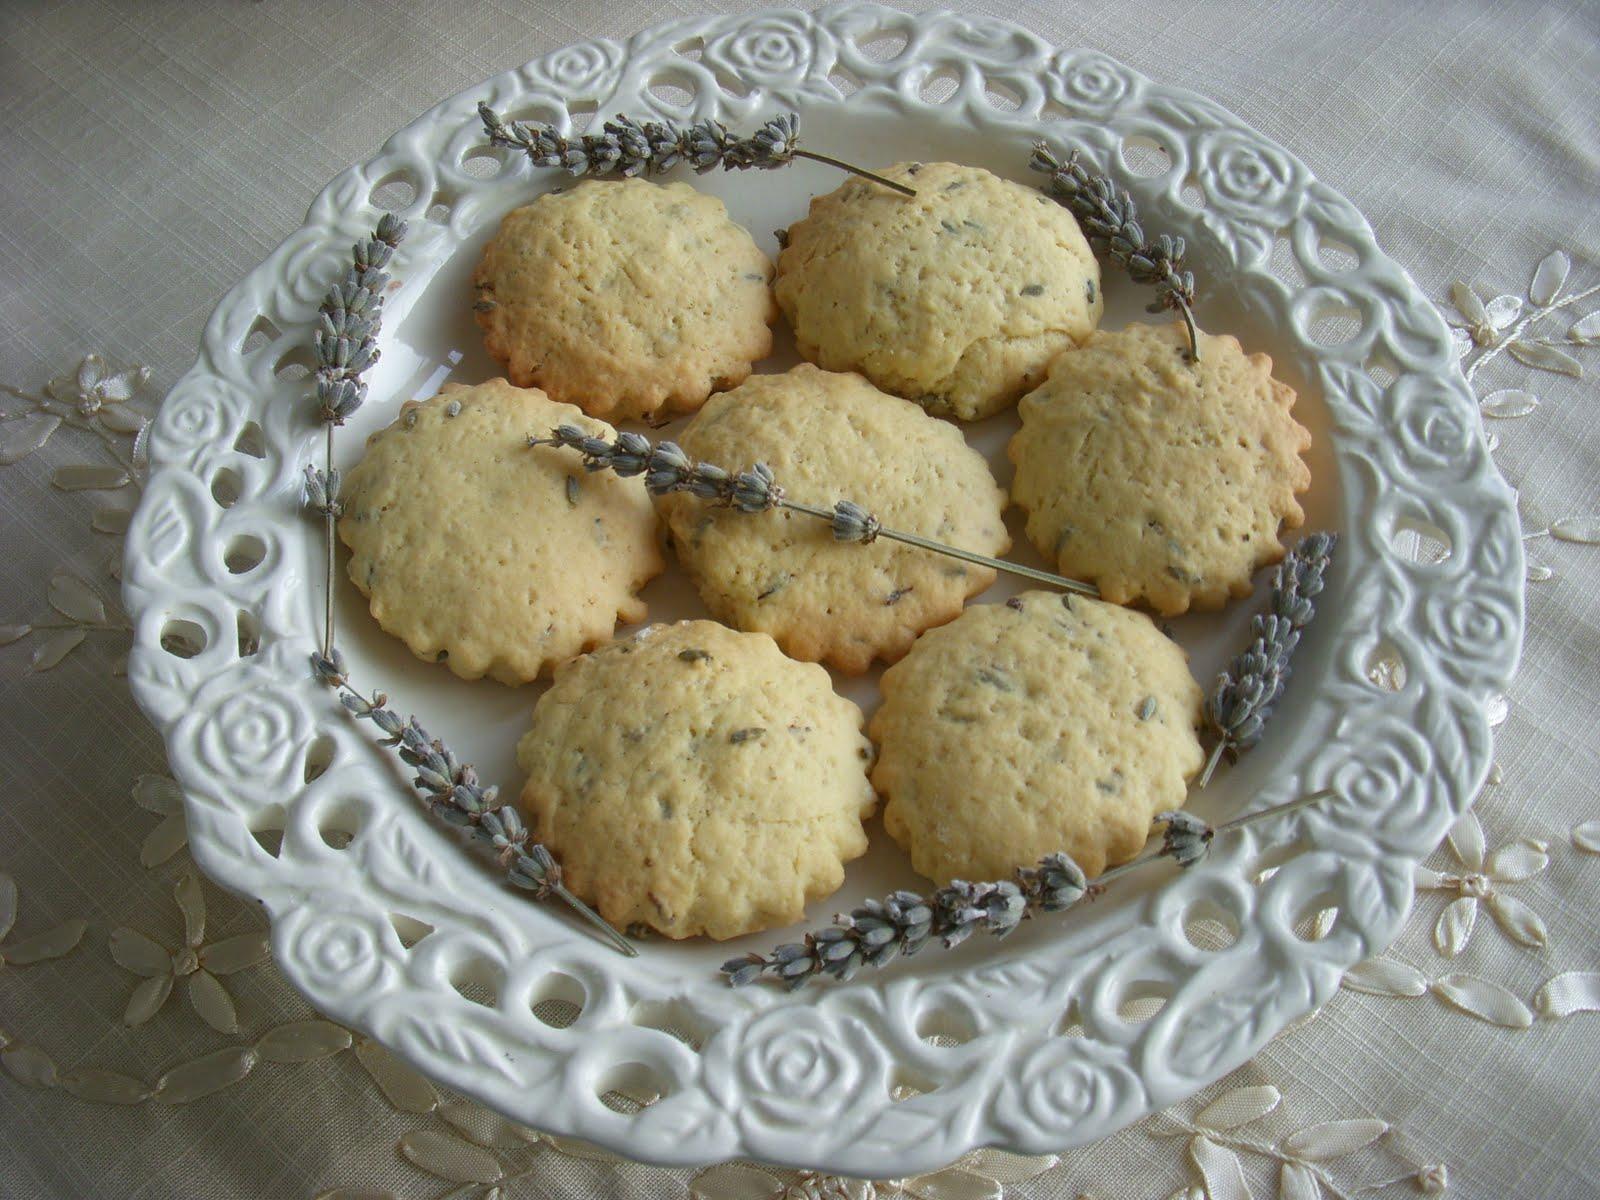 Bademli lavantalı kurabiye tarifi